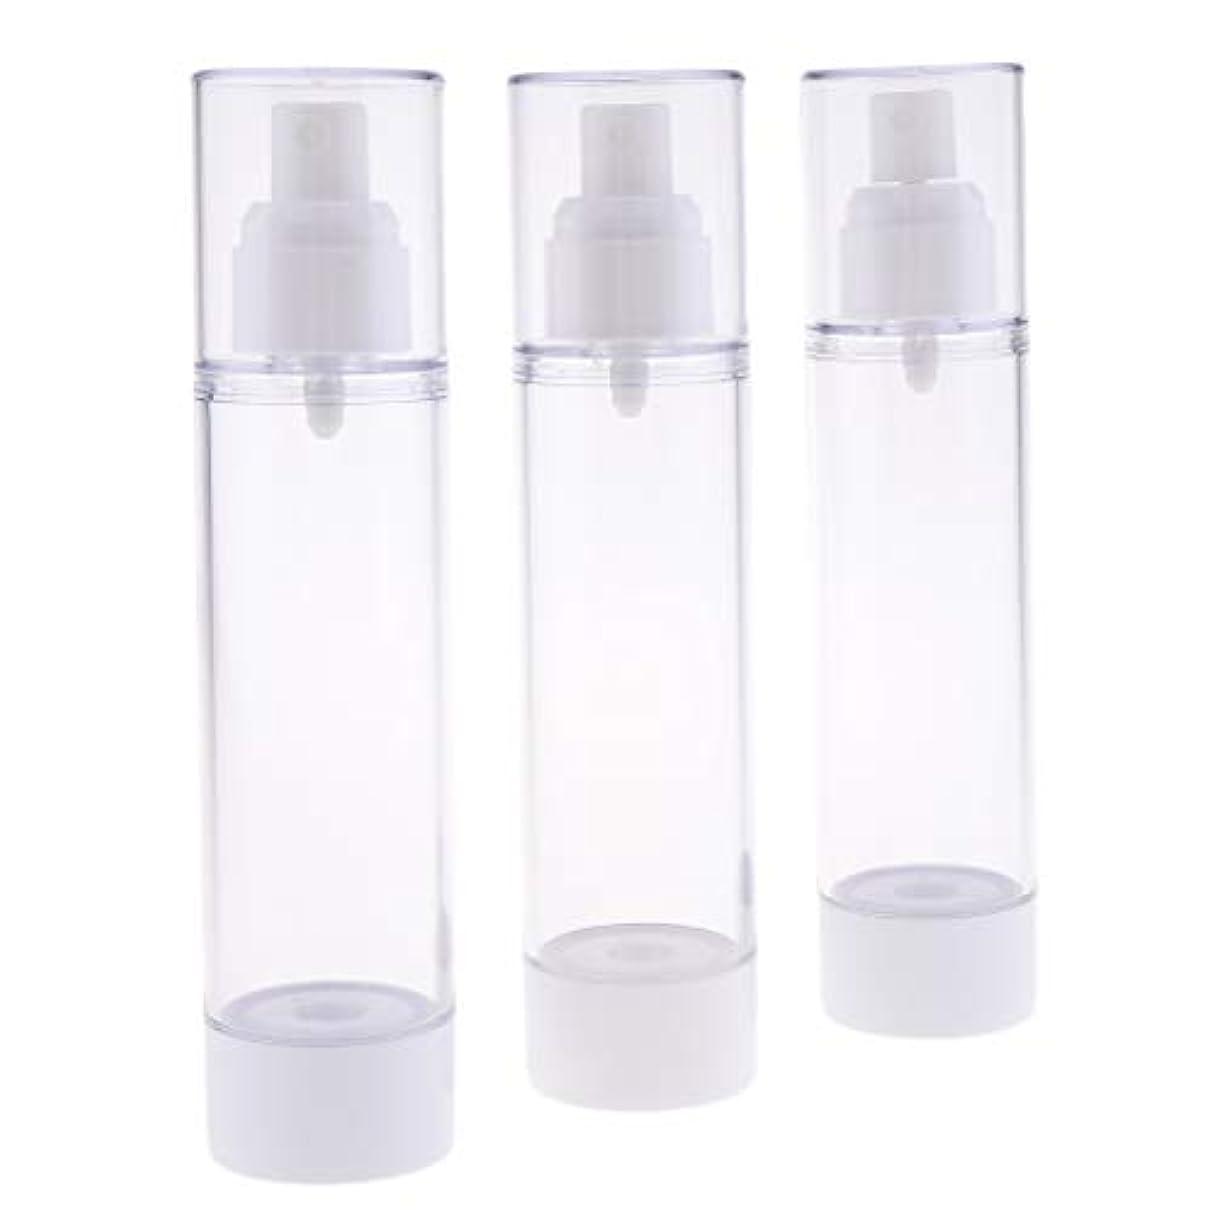 より多いトレイル精査3個 アトマイザー ミストスプレーボトル 霧吹き 噴霧ボトル 全6サイズ - 100ml